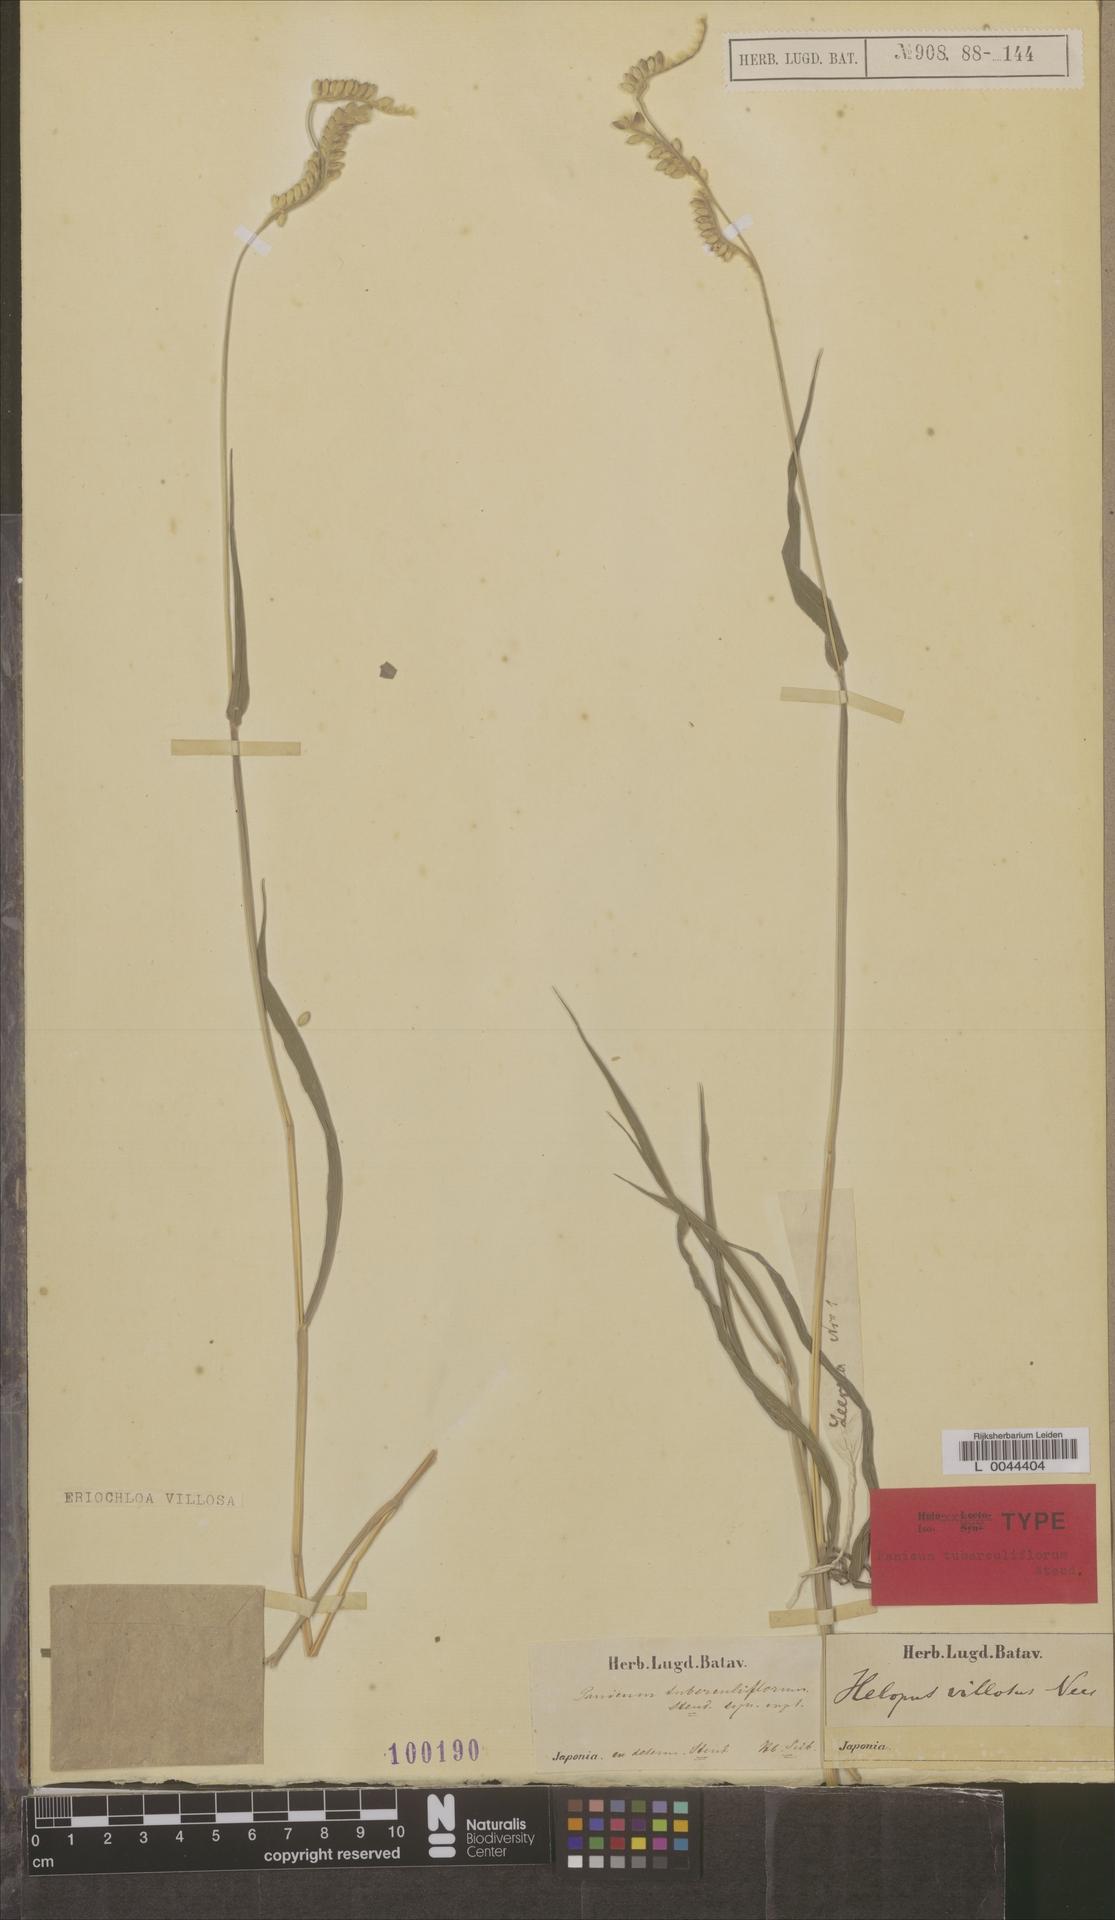 L  0044404 | Eriochloa villosa Kunth